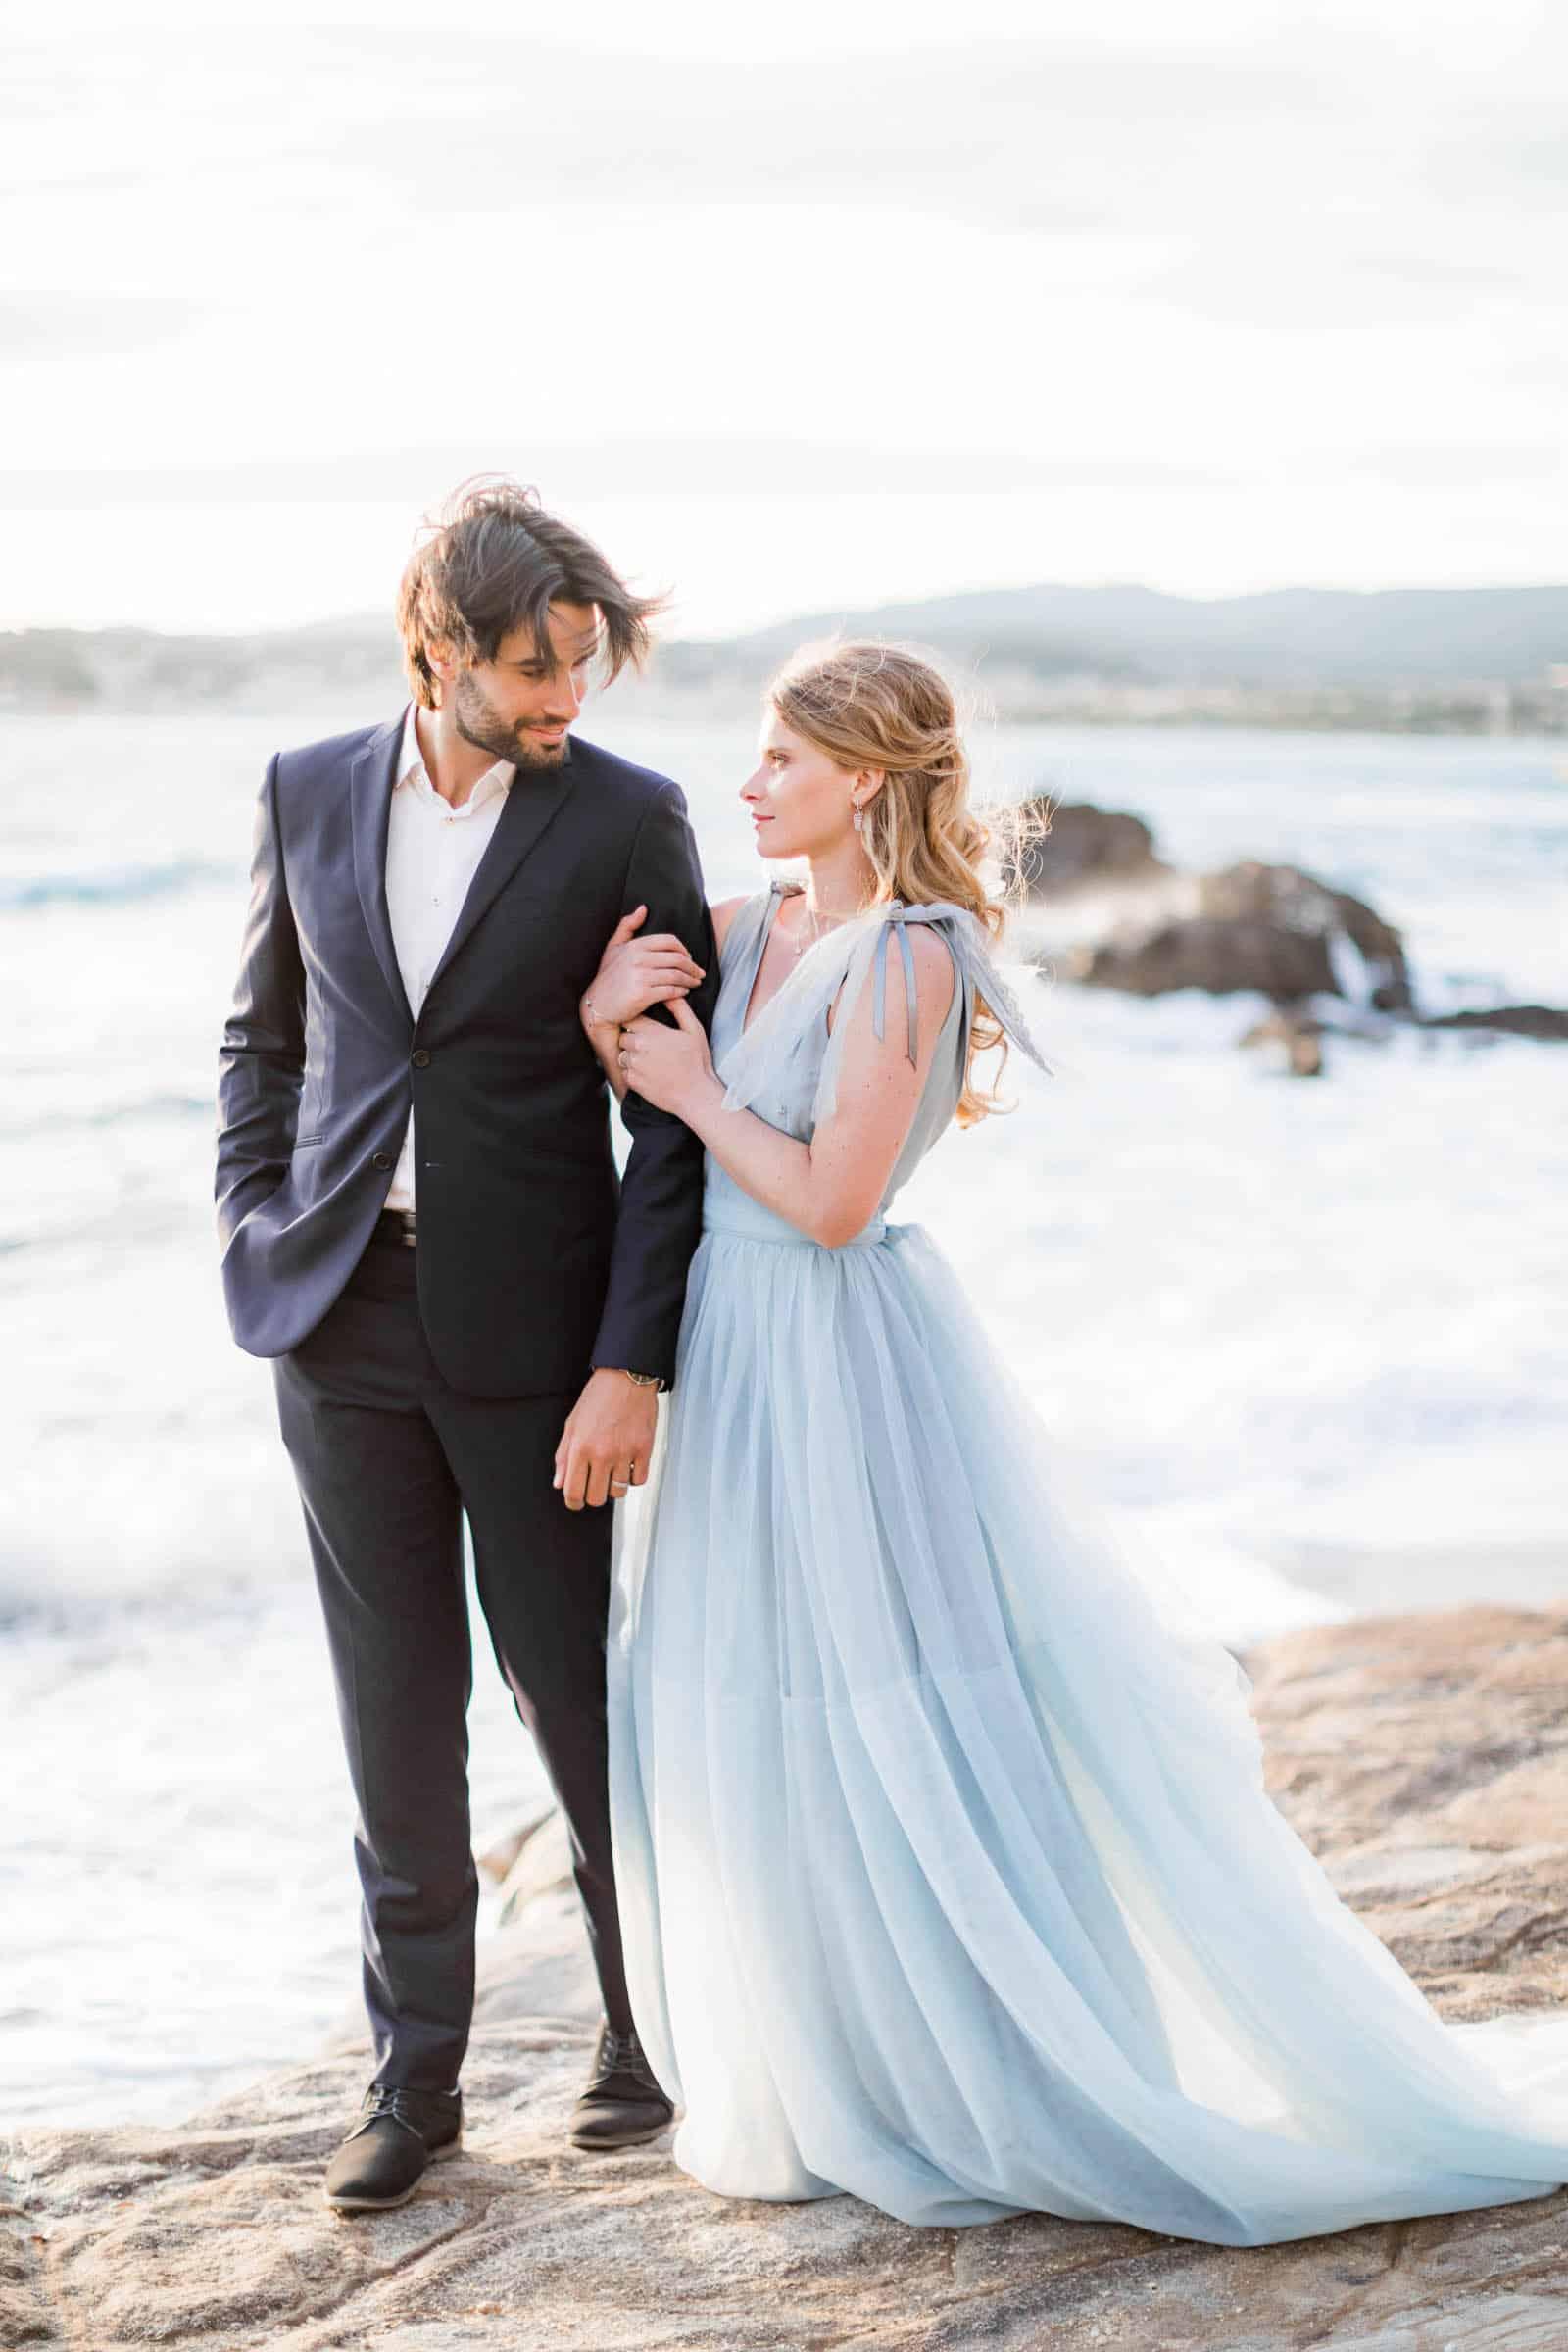 Photographie de Mathieu Dété, photographe de mariage sur l'île Maurice, représentant un couple d'amoureux sur la plage de Grand Baie à Maurice